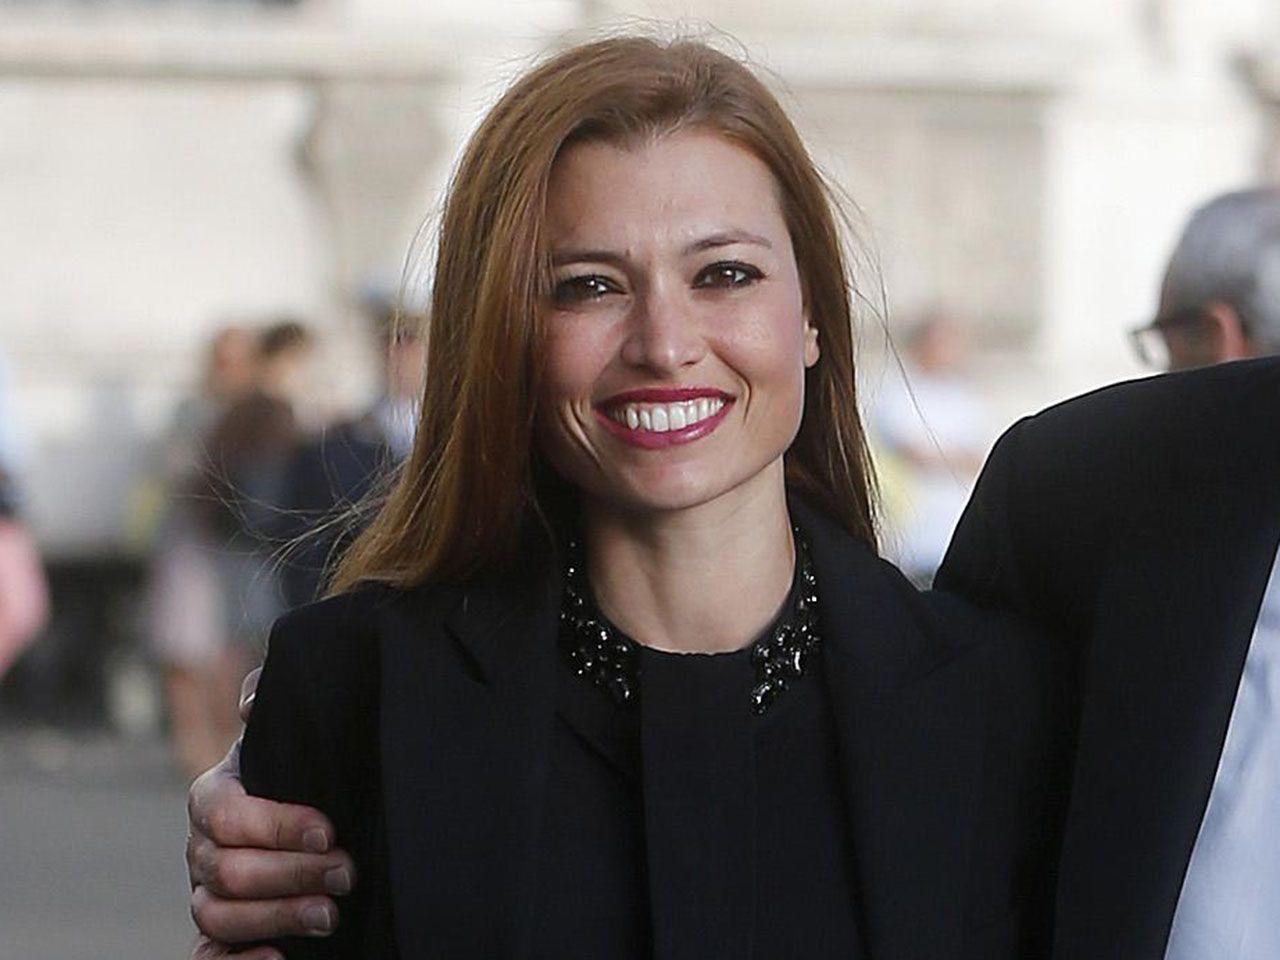 Carlotta Mantovan oggi: 'Dopo la morte di Fabrizio Frizzi vivo alla giornata'